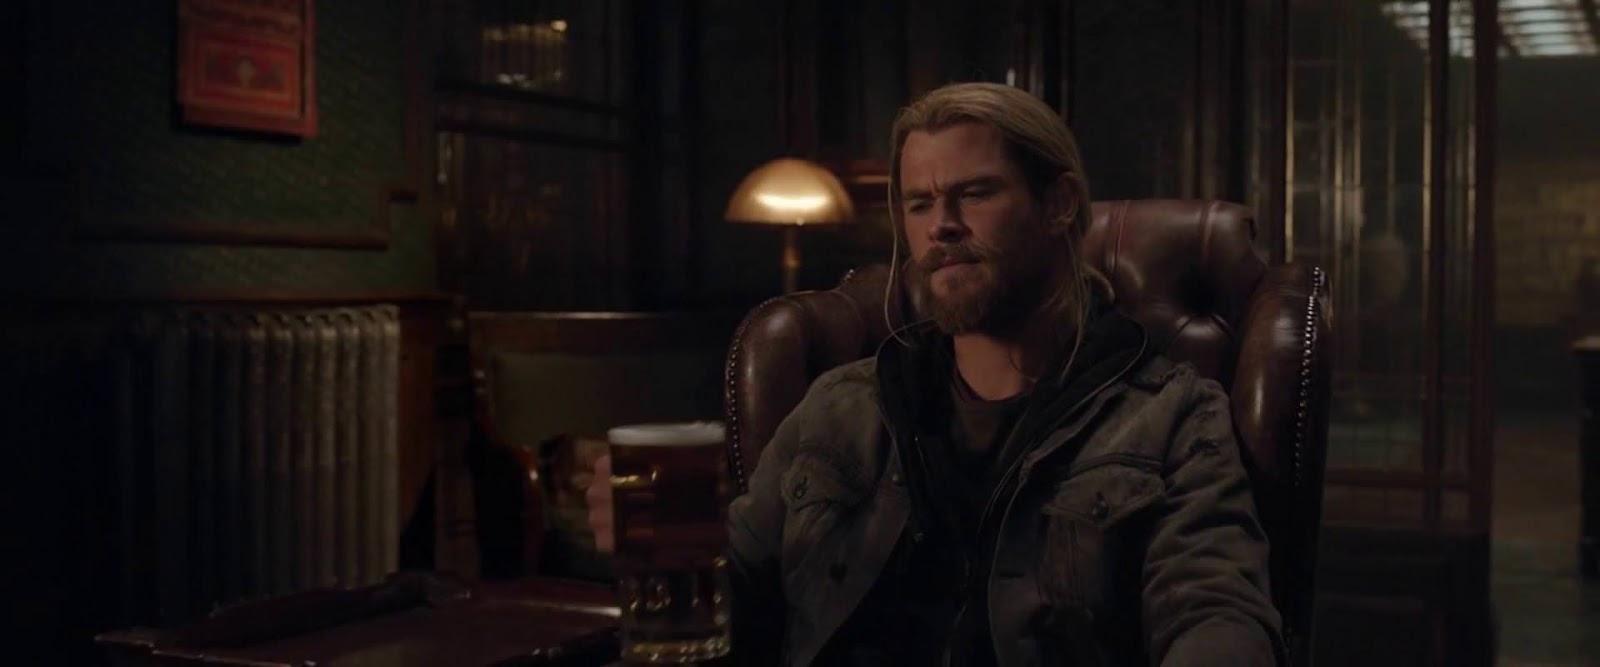 Thor 3 Ragnarok Hindi Dubbed Movie Download In Hd Watch Online